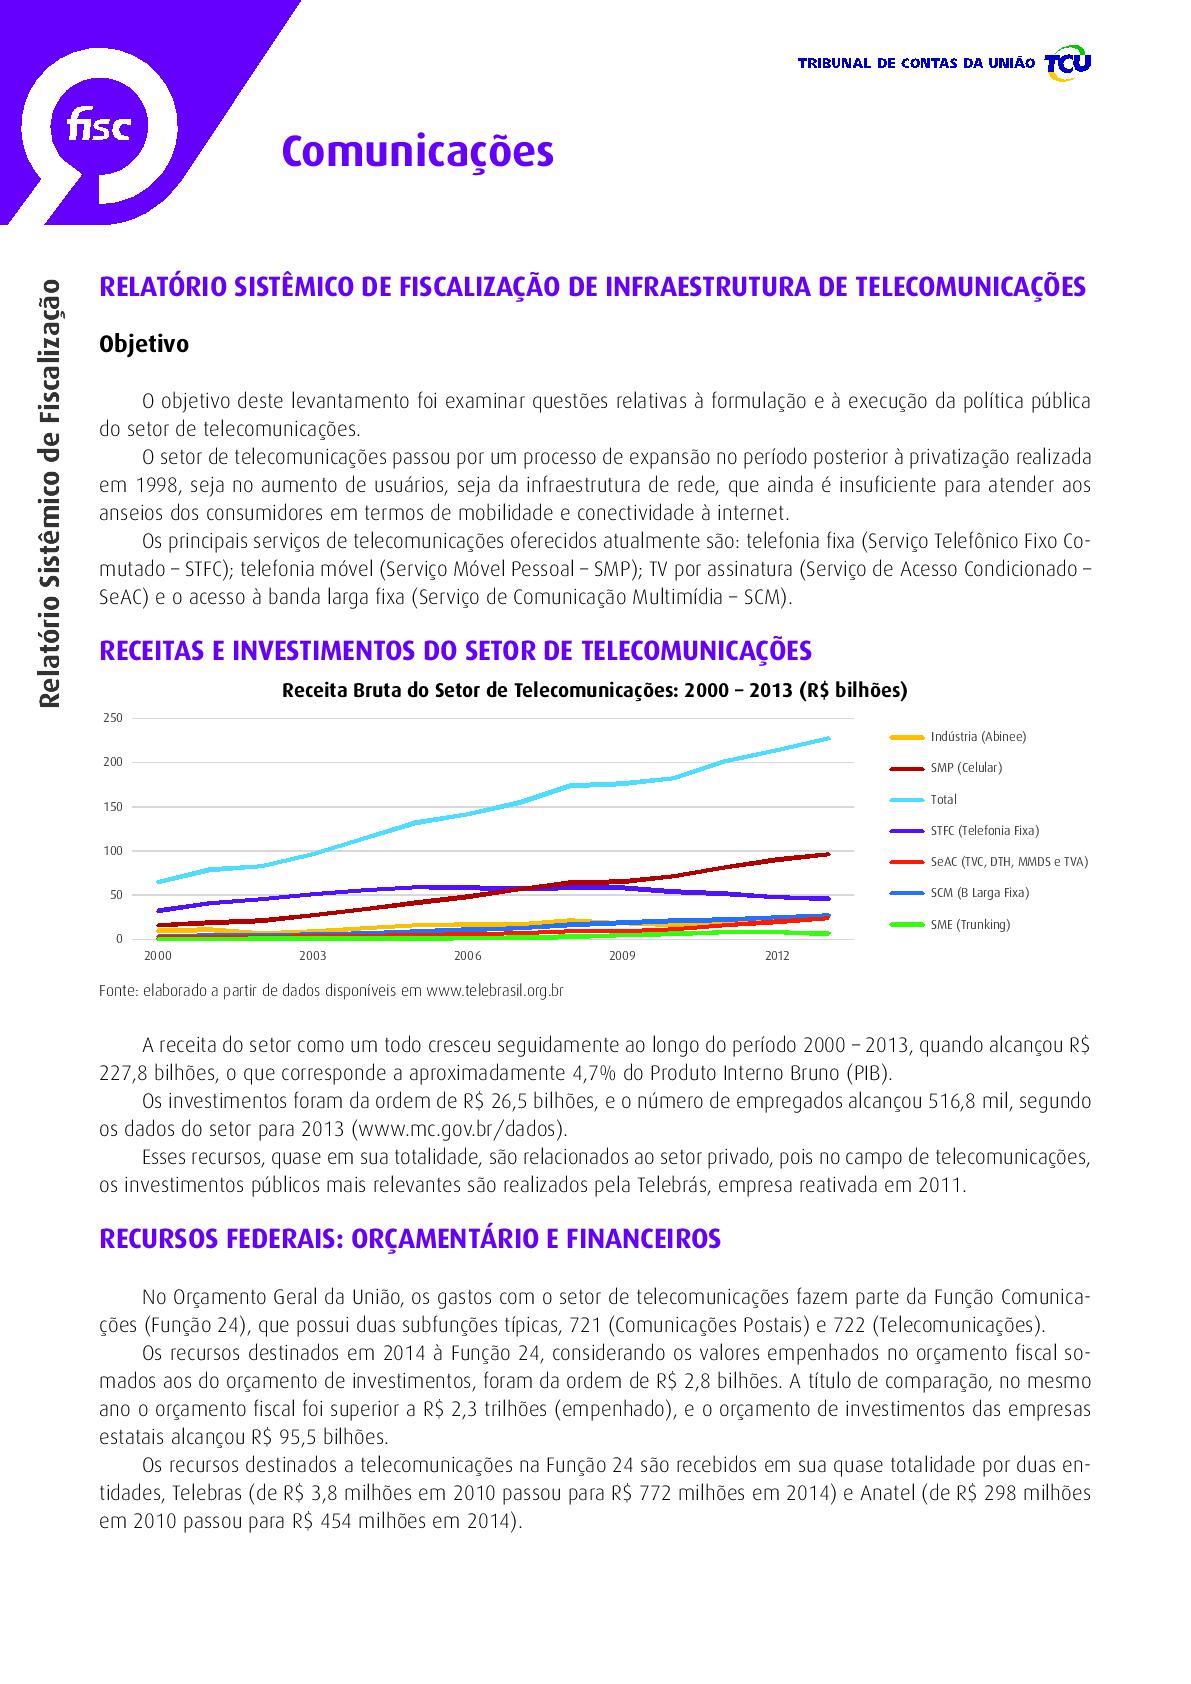 fisc_ficha comunica__es - relat_rio sist_mico de fiscaliza__o de infraestrutura de telecomunica__es - web _3_.png